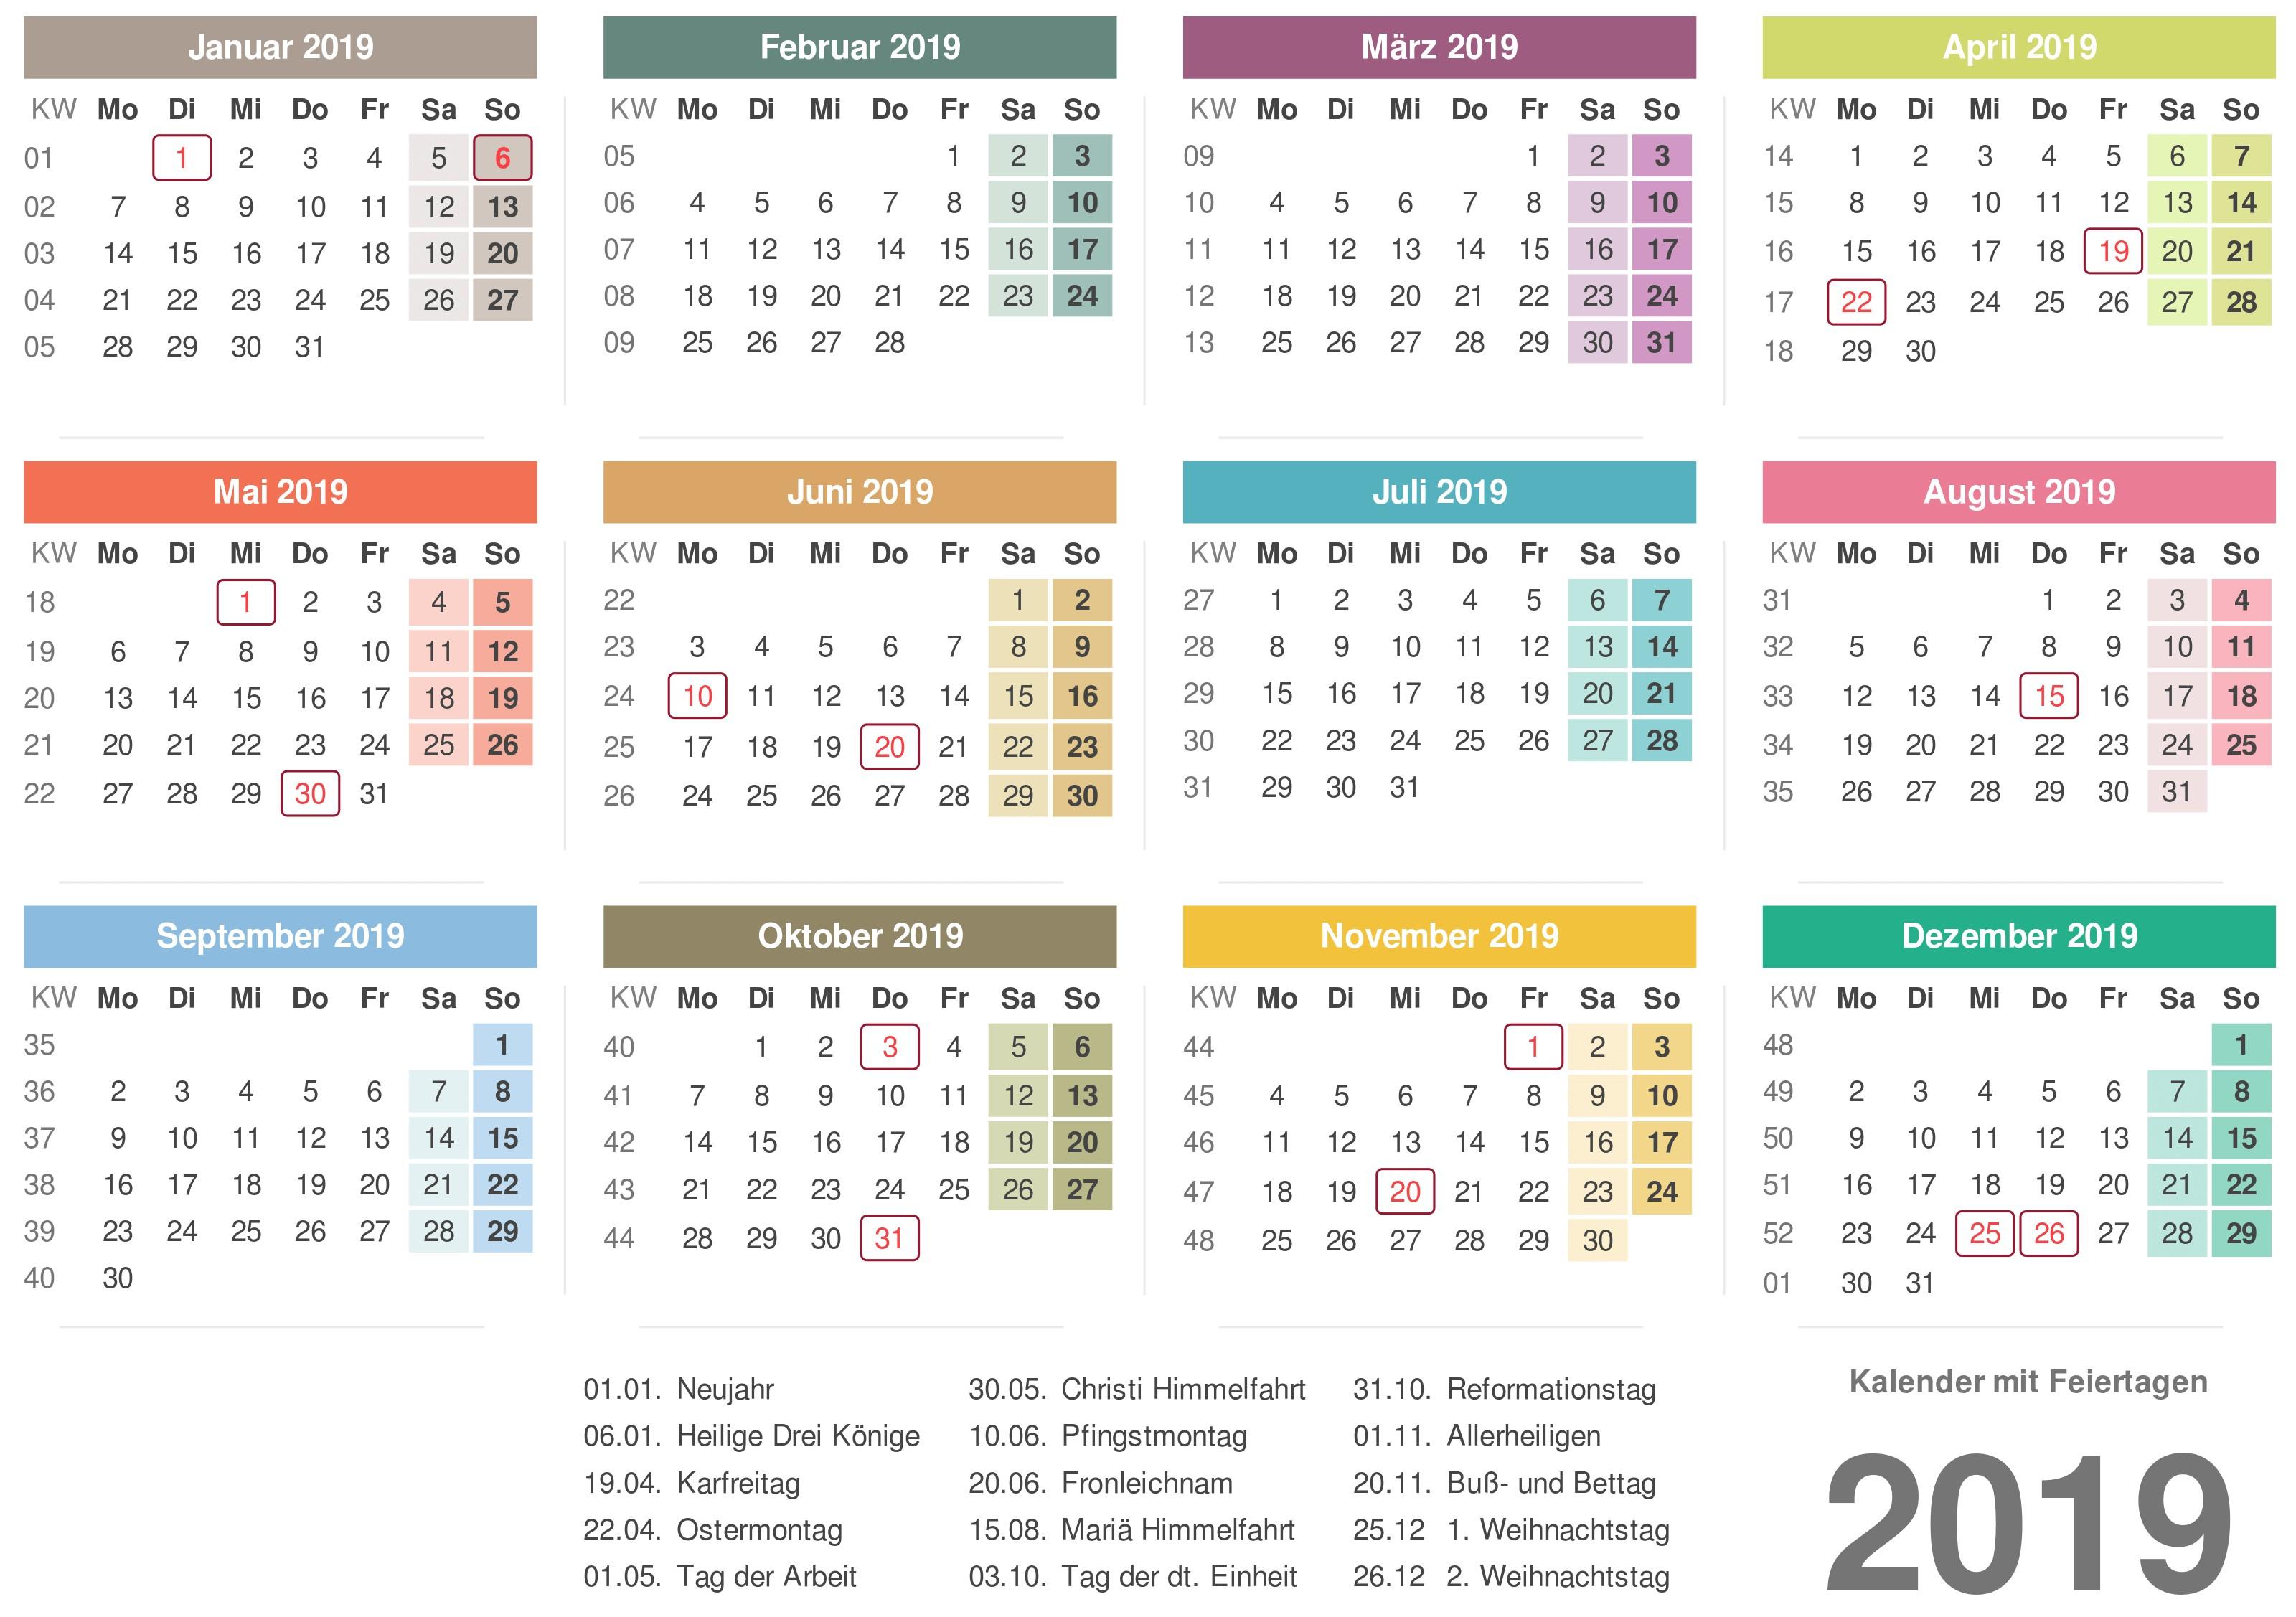 Kalender 2019 Indonesia Ferien Feiertage Excel PDF